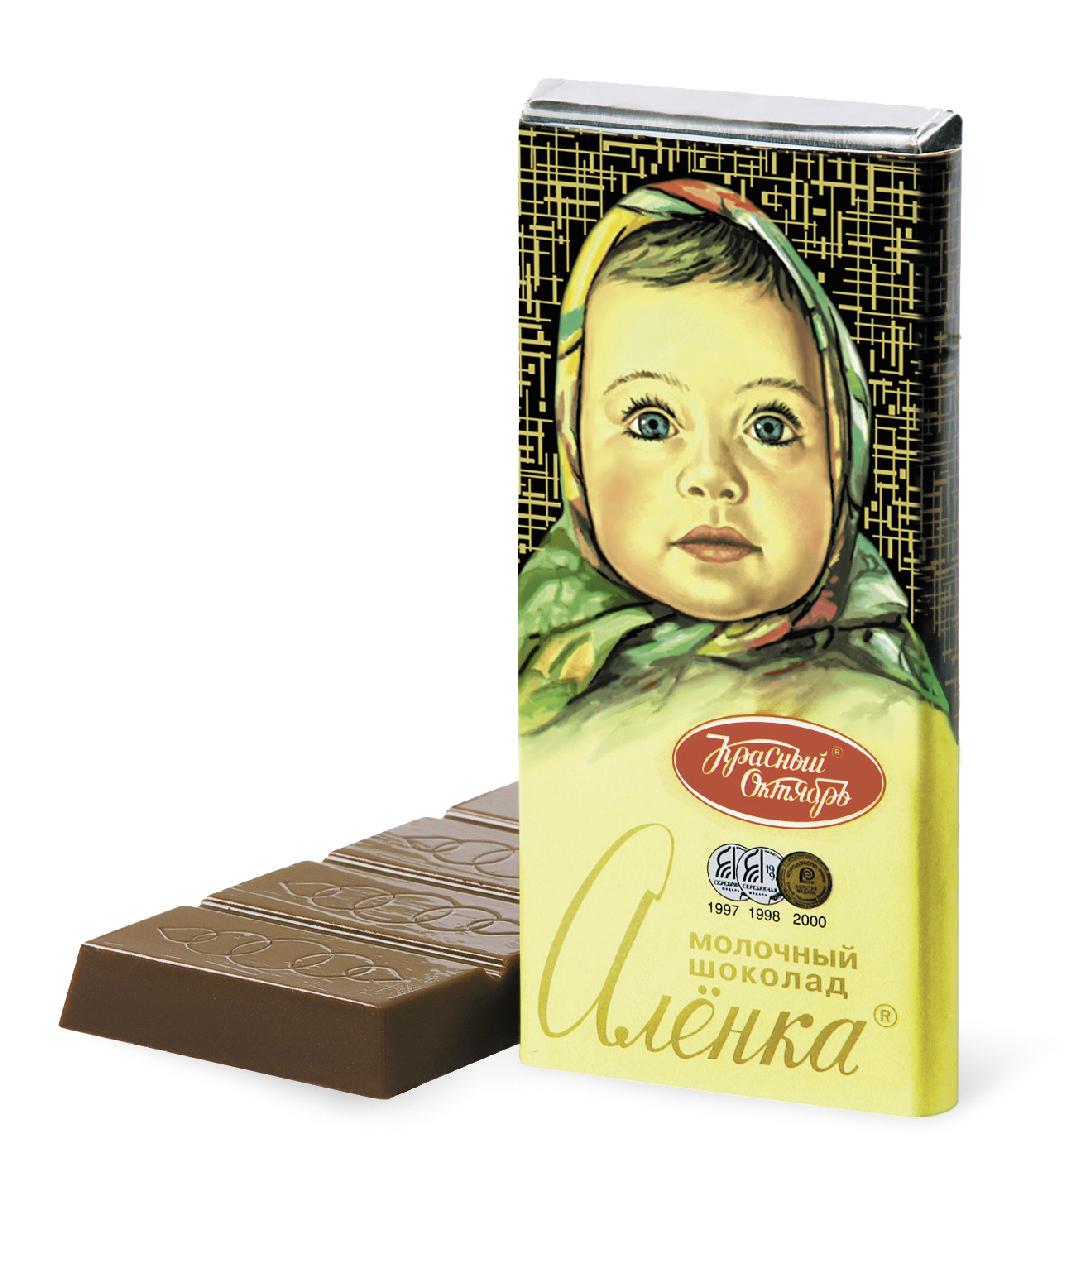 Шоколад АЛЁНКА, 60г